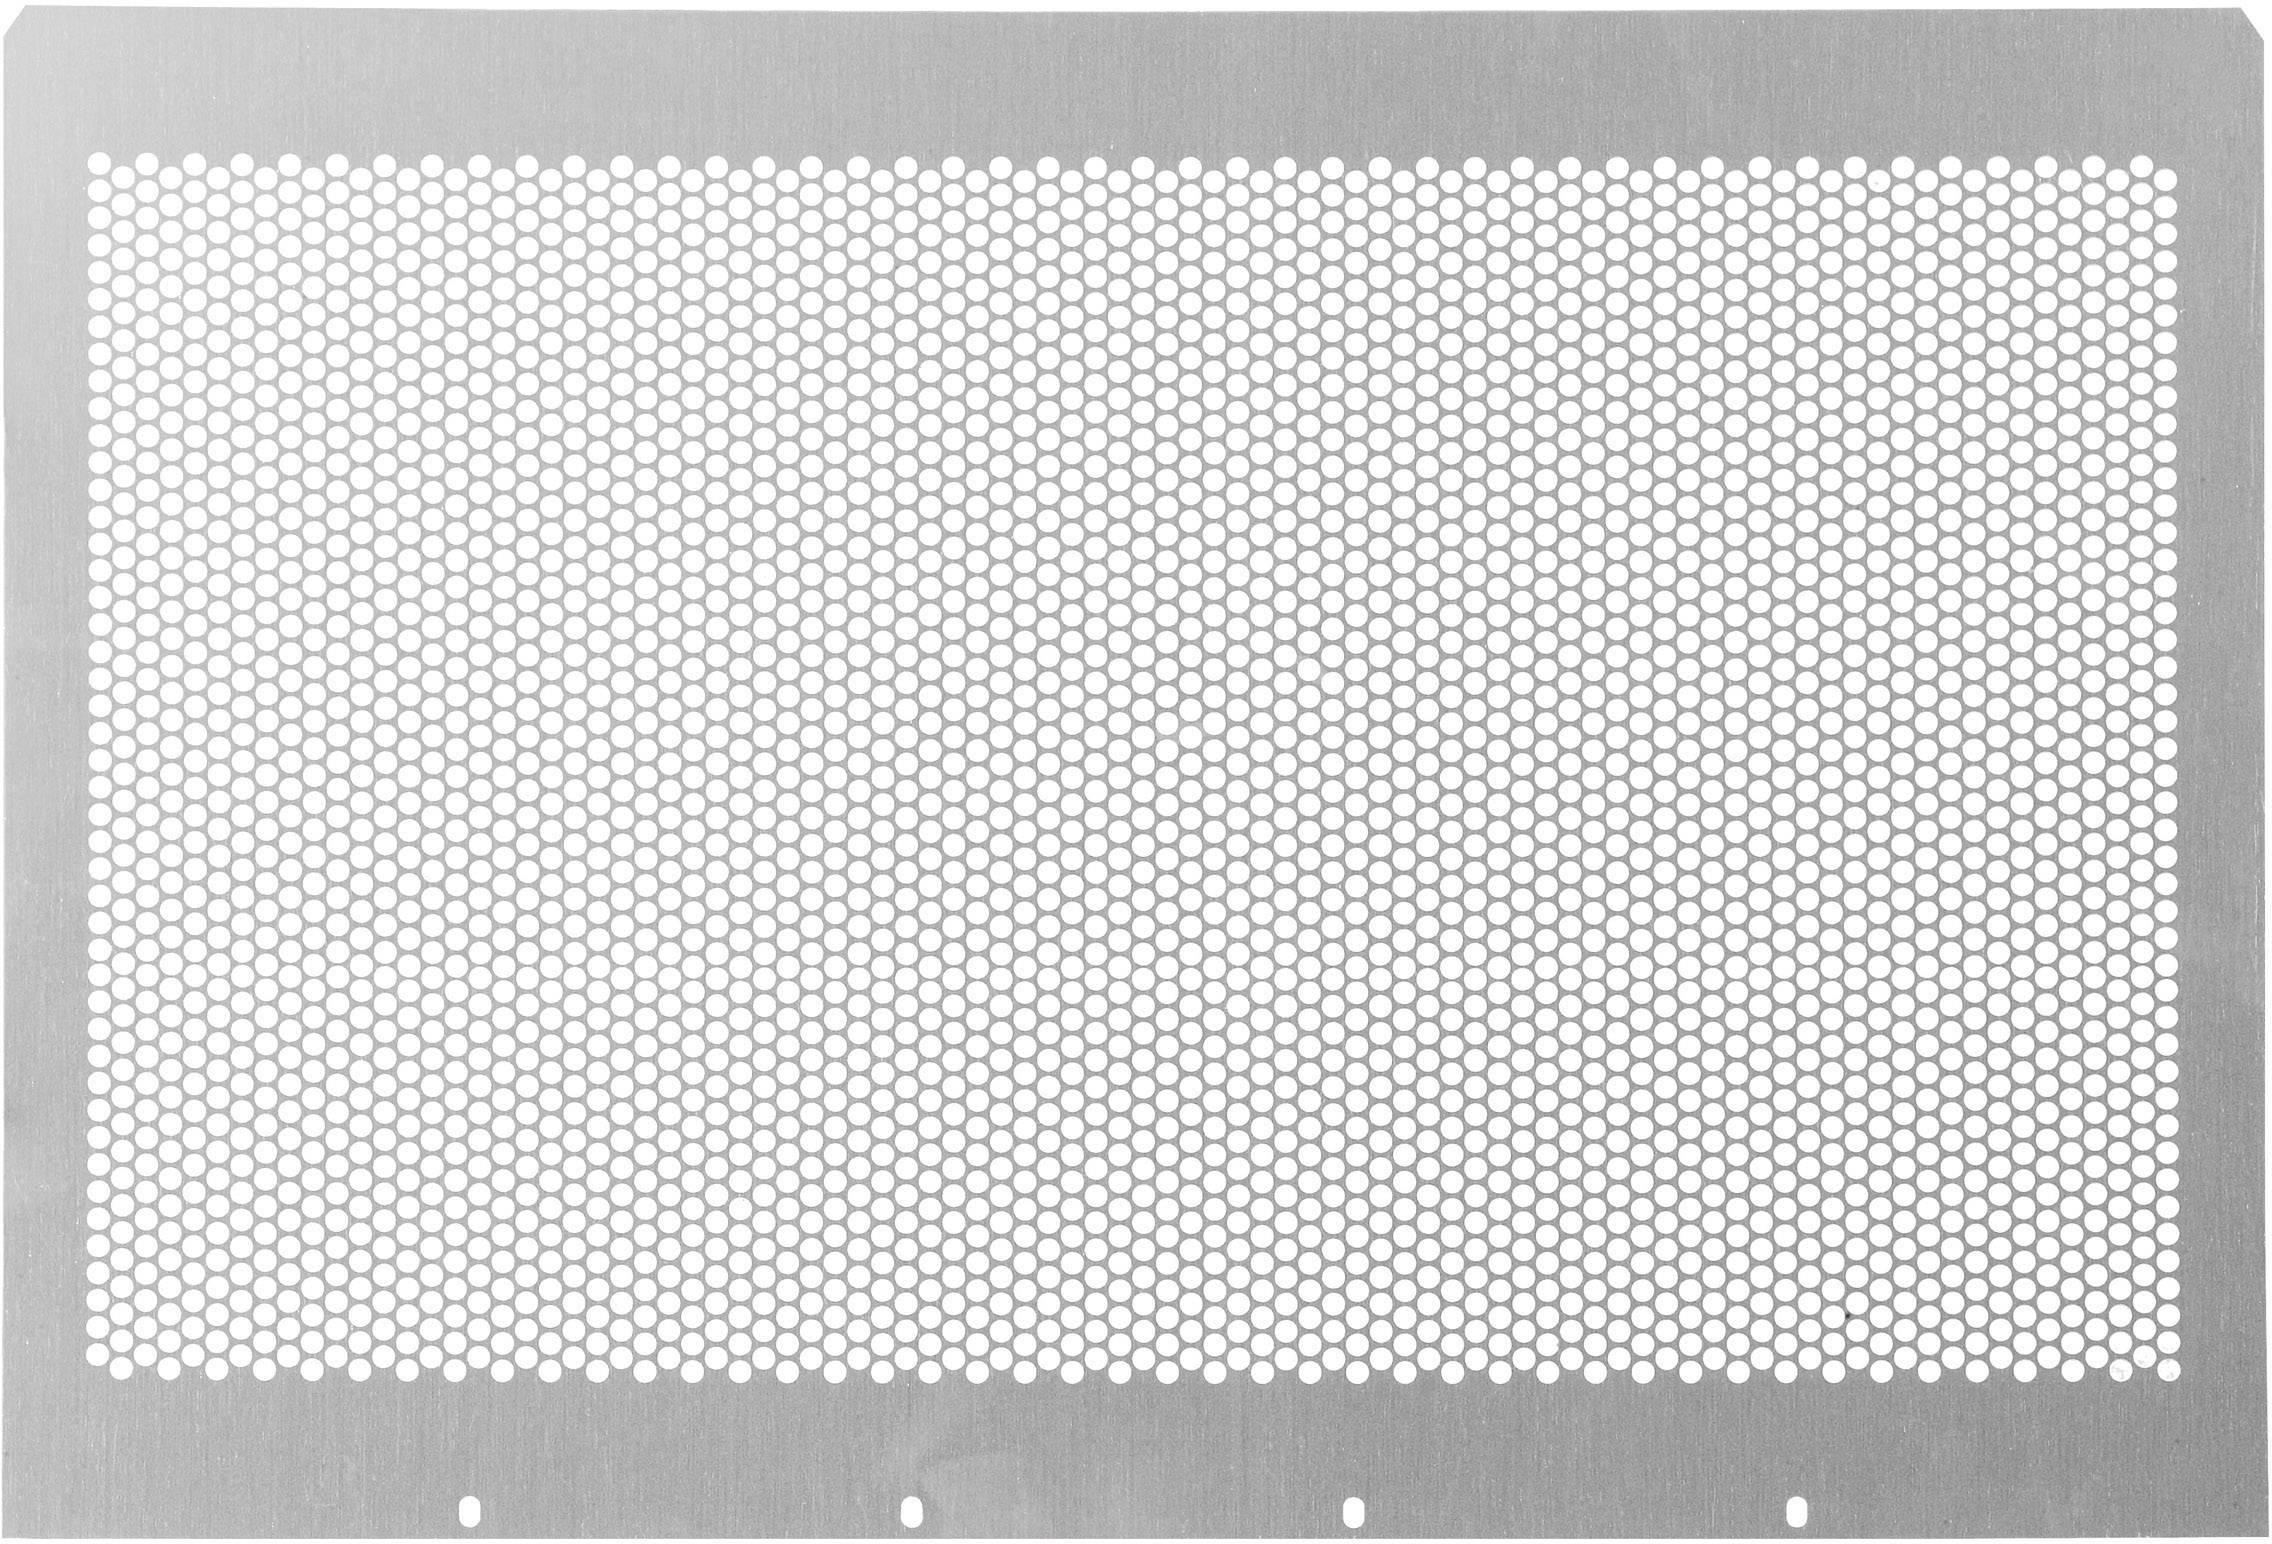 Krycí plech Schroff;multipacPRO 30860-512, (š x v x h) 412 x 1 x 340 mm, 1 ks